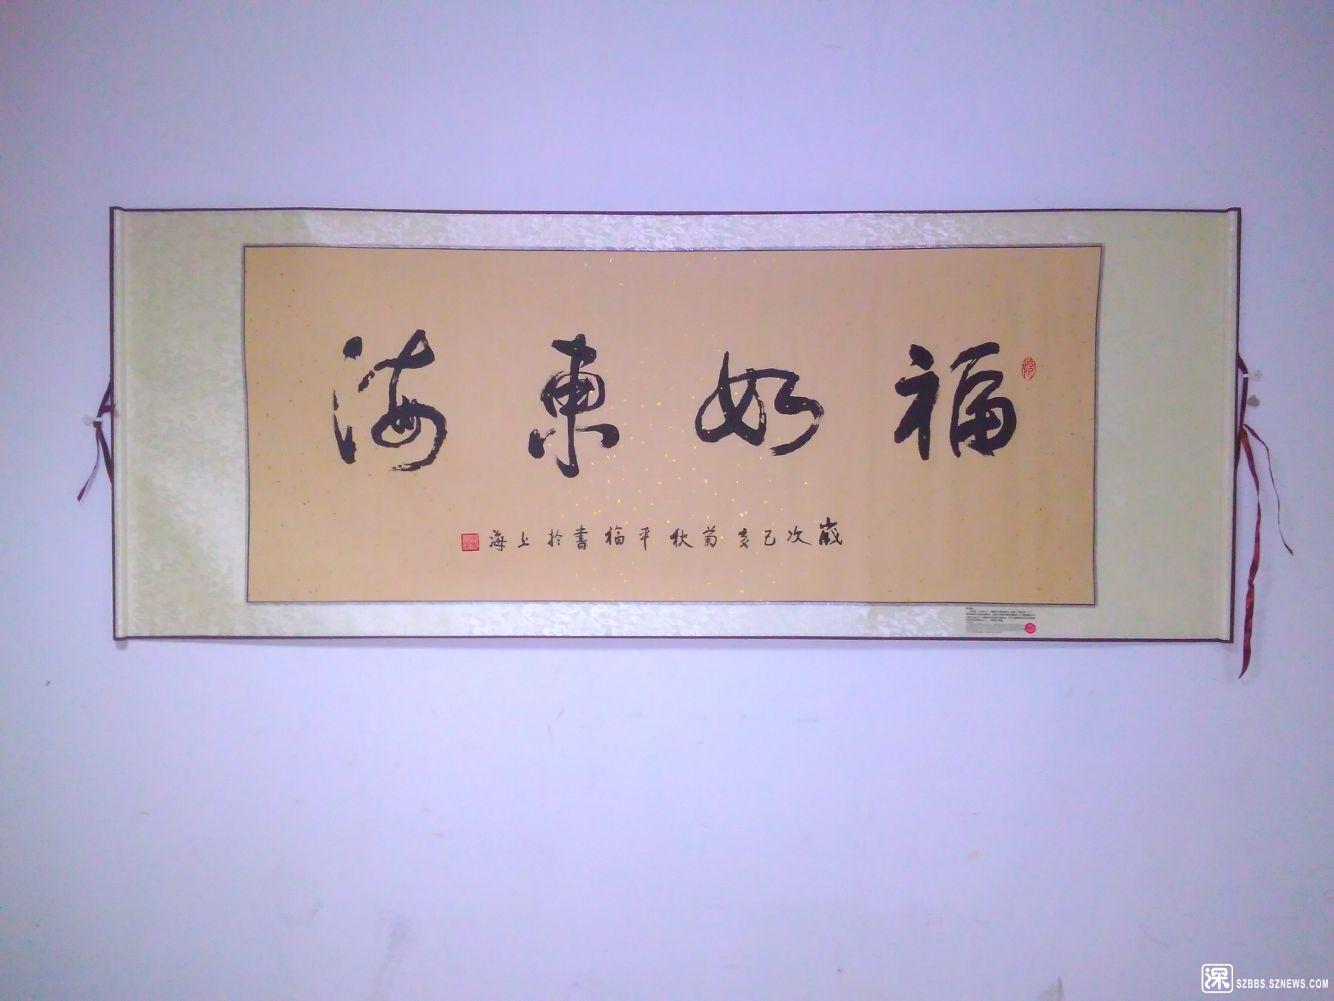 马平福 国际知名书画家 收藏级艺术品21666.jpg